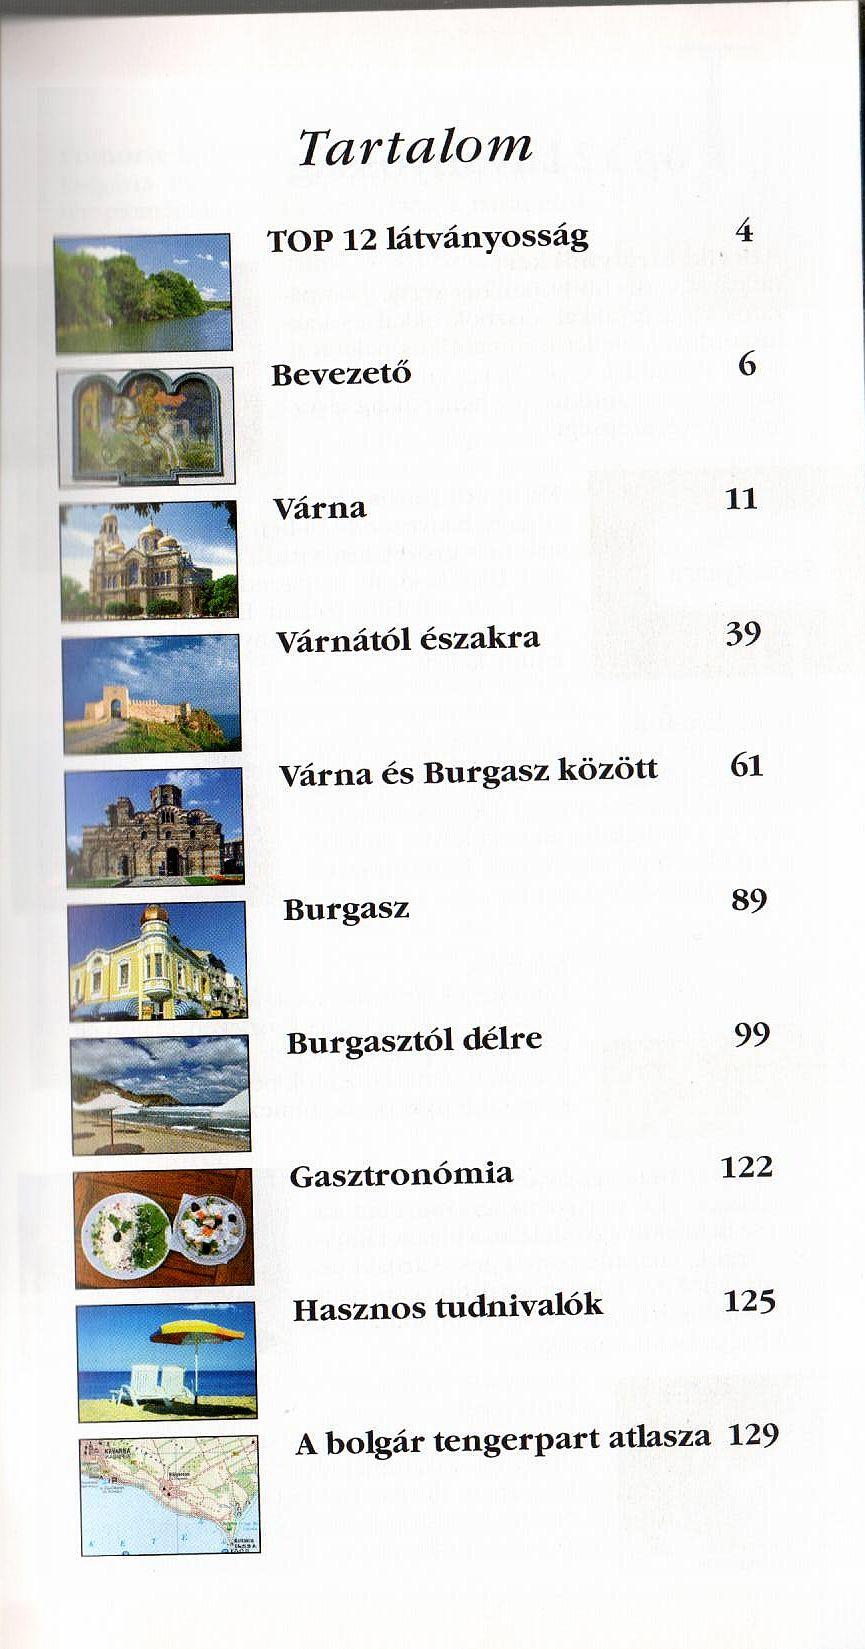 Bolgár tengerpart: tartlomjegyzék